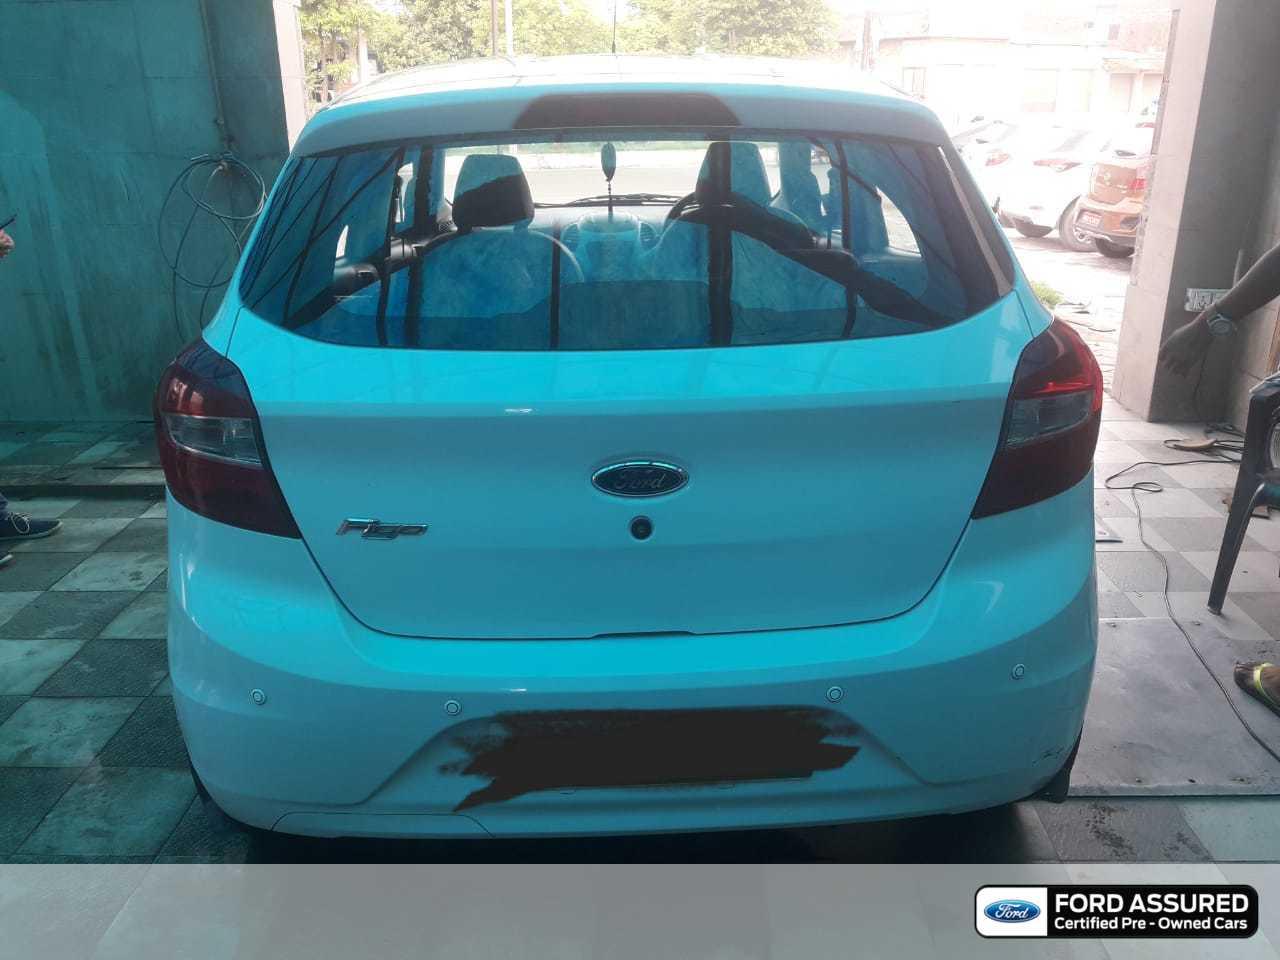 Ford Figo 1.2P Trend MT